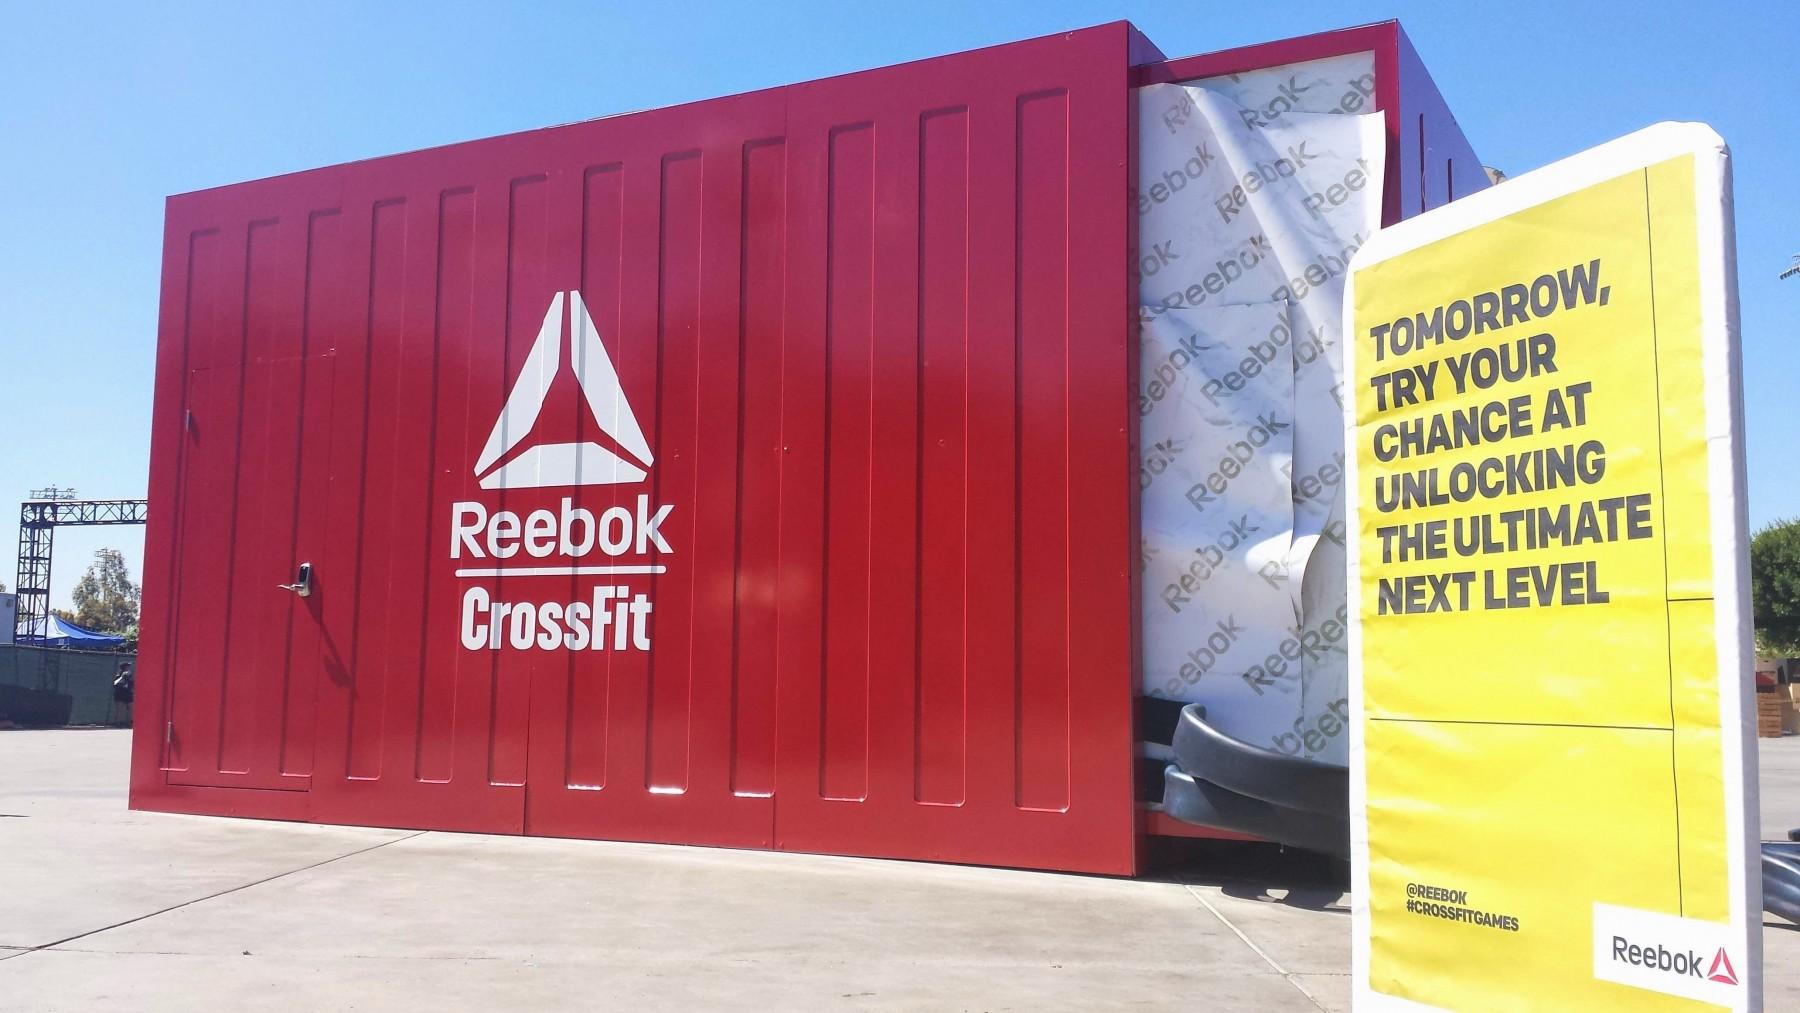 2014 Reebok CrossFit Games Experiential